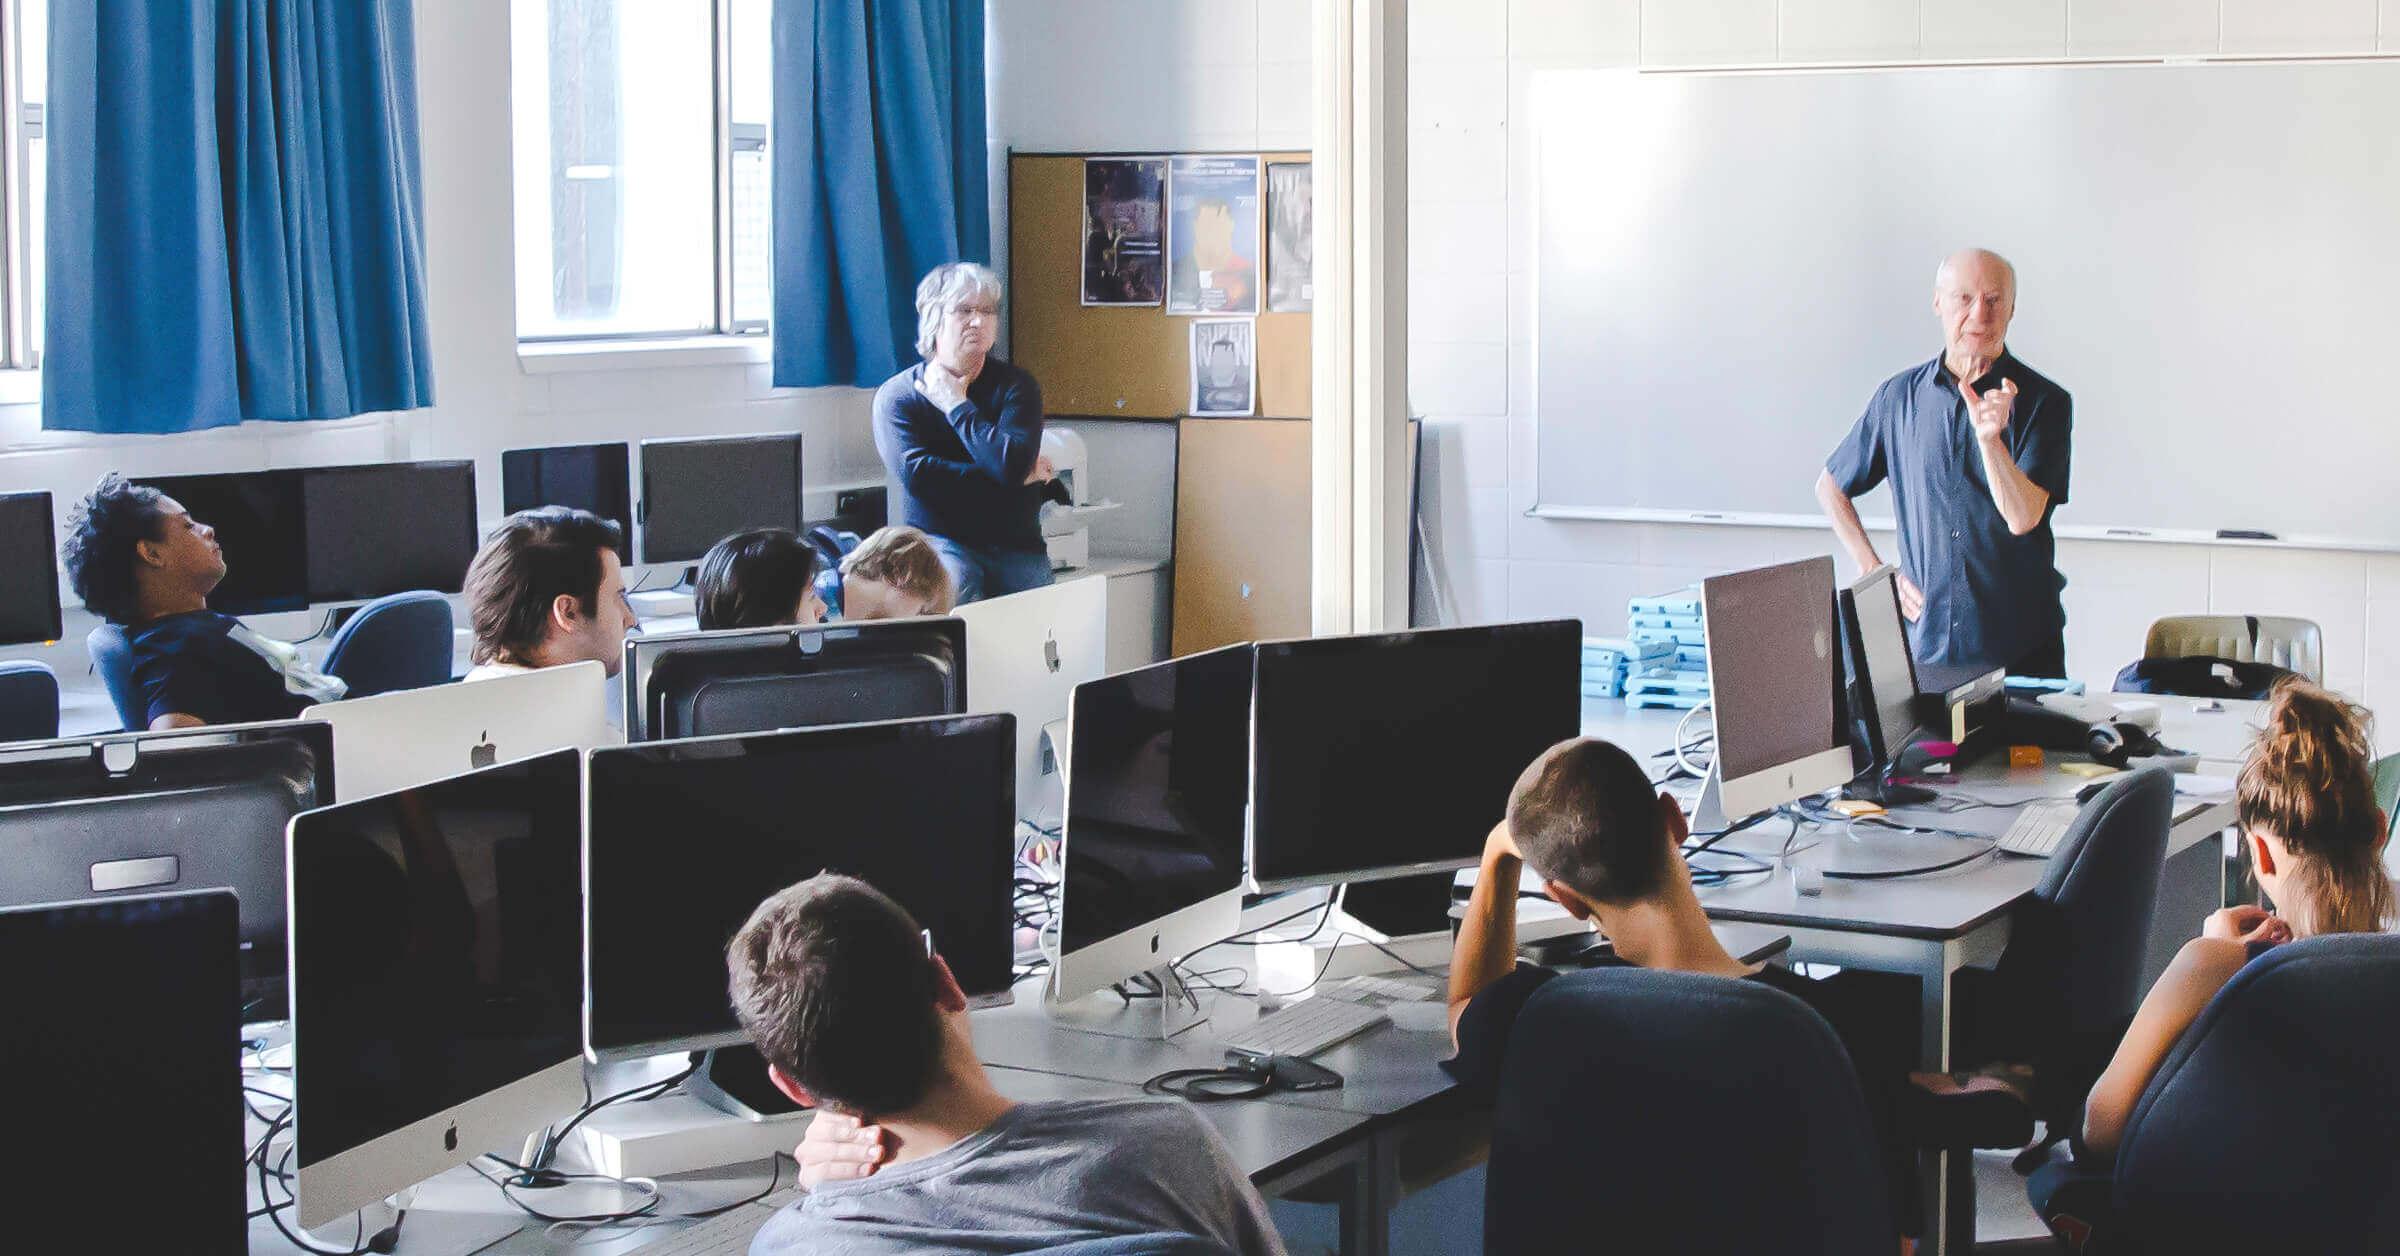 PHOS 2018 – Le programme Techniques d'intégration multimédia a accueilli le compositeur et concepteur sonore Yves Daoust